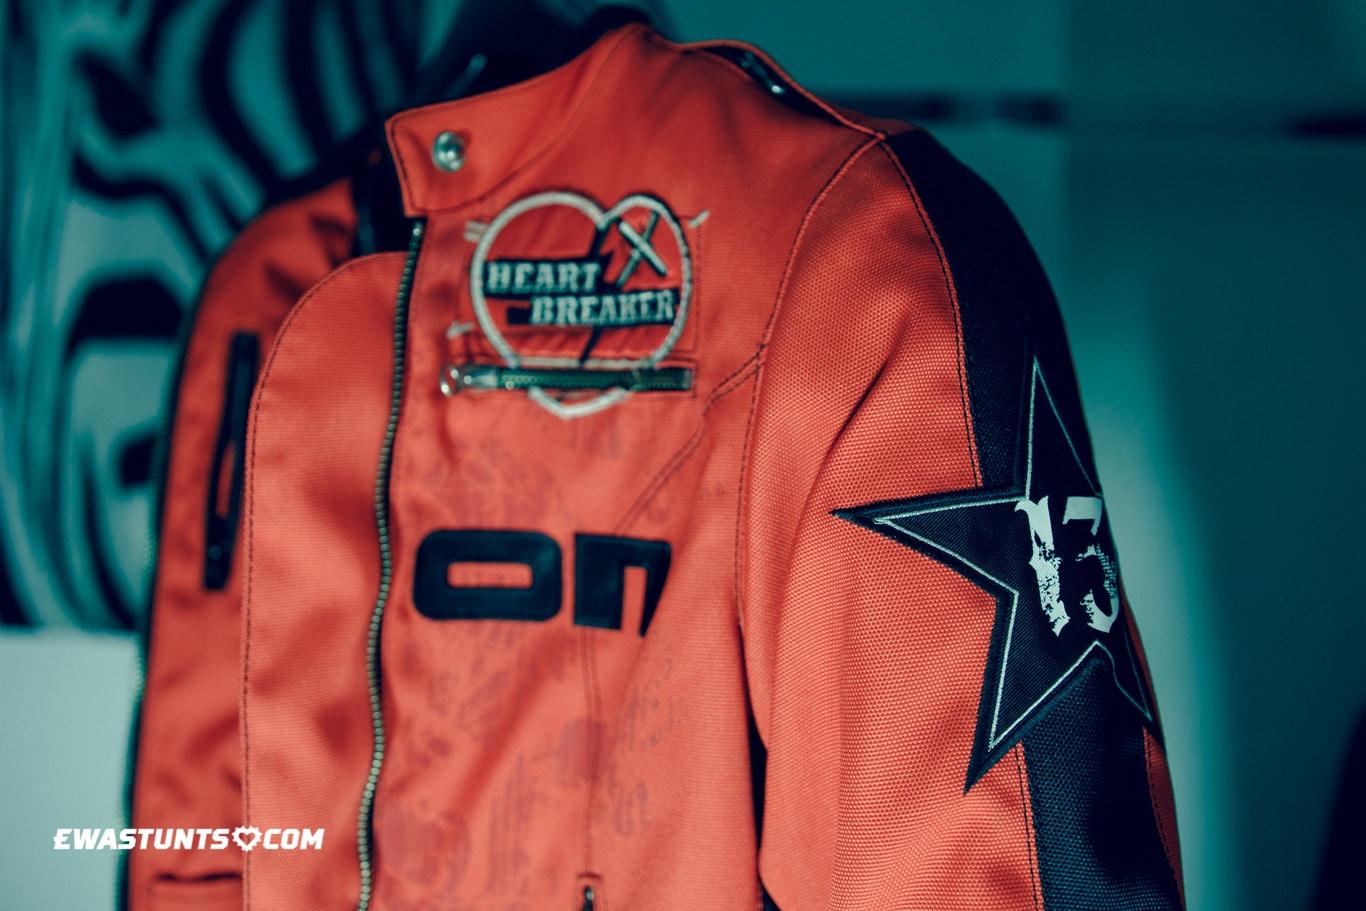 ewastunts_icon_jacket-43